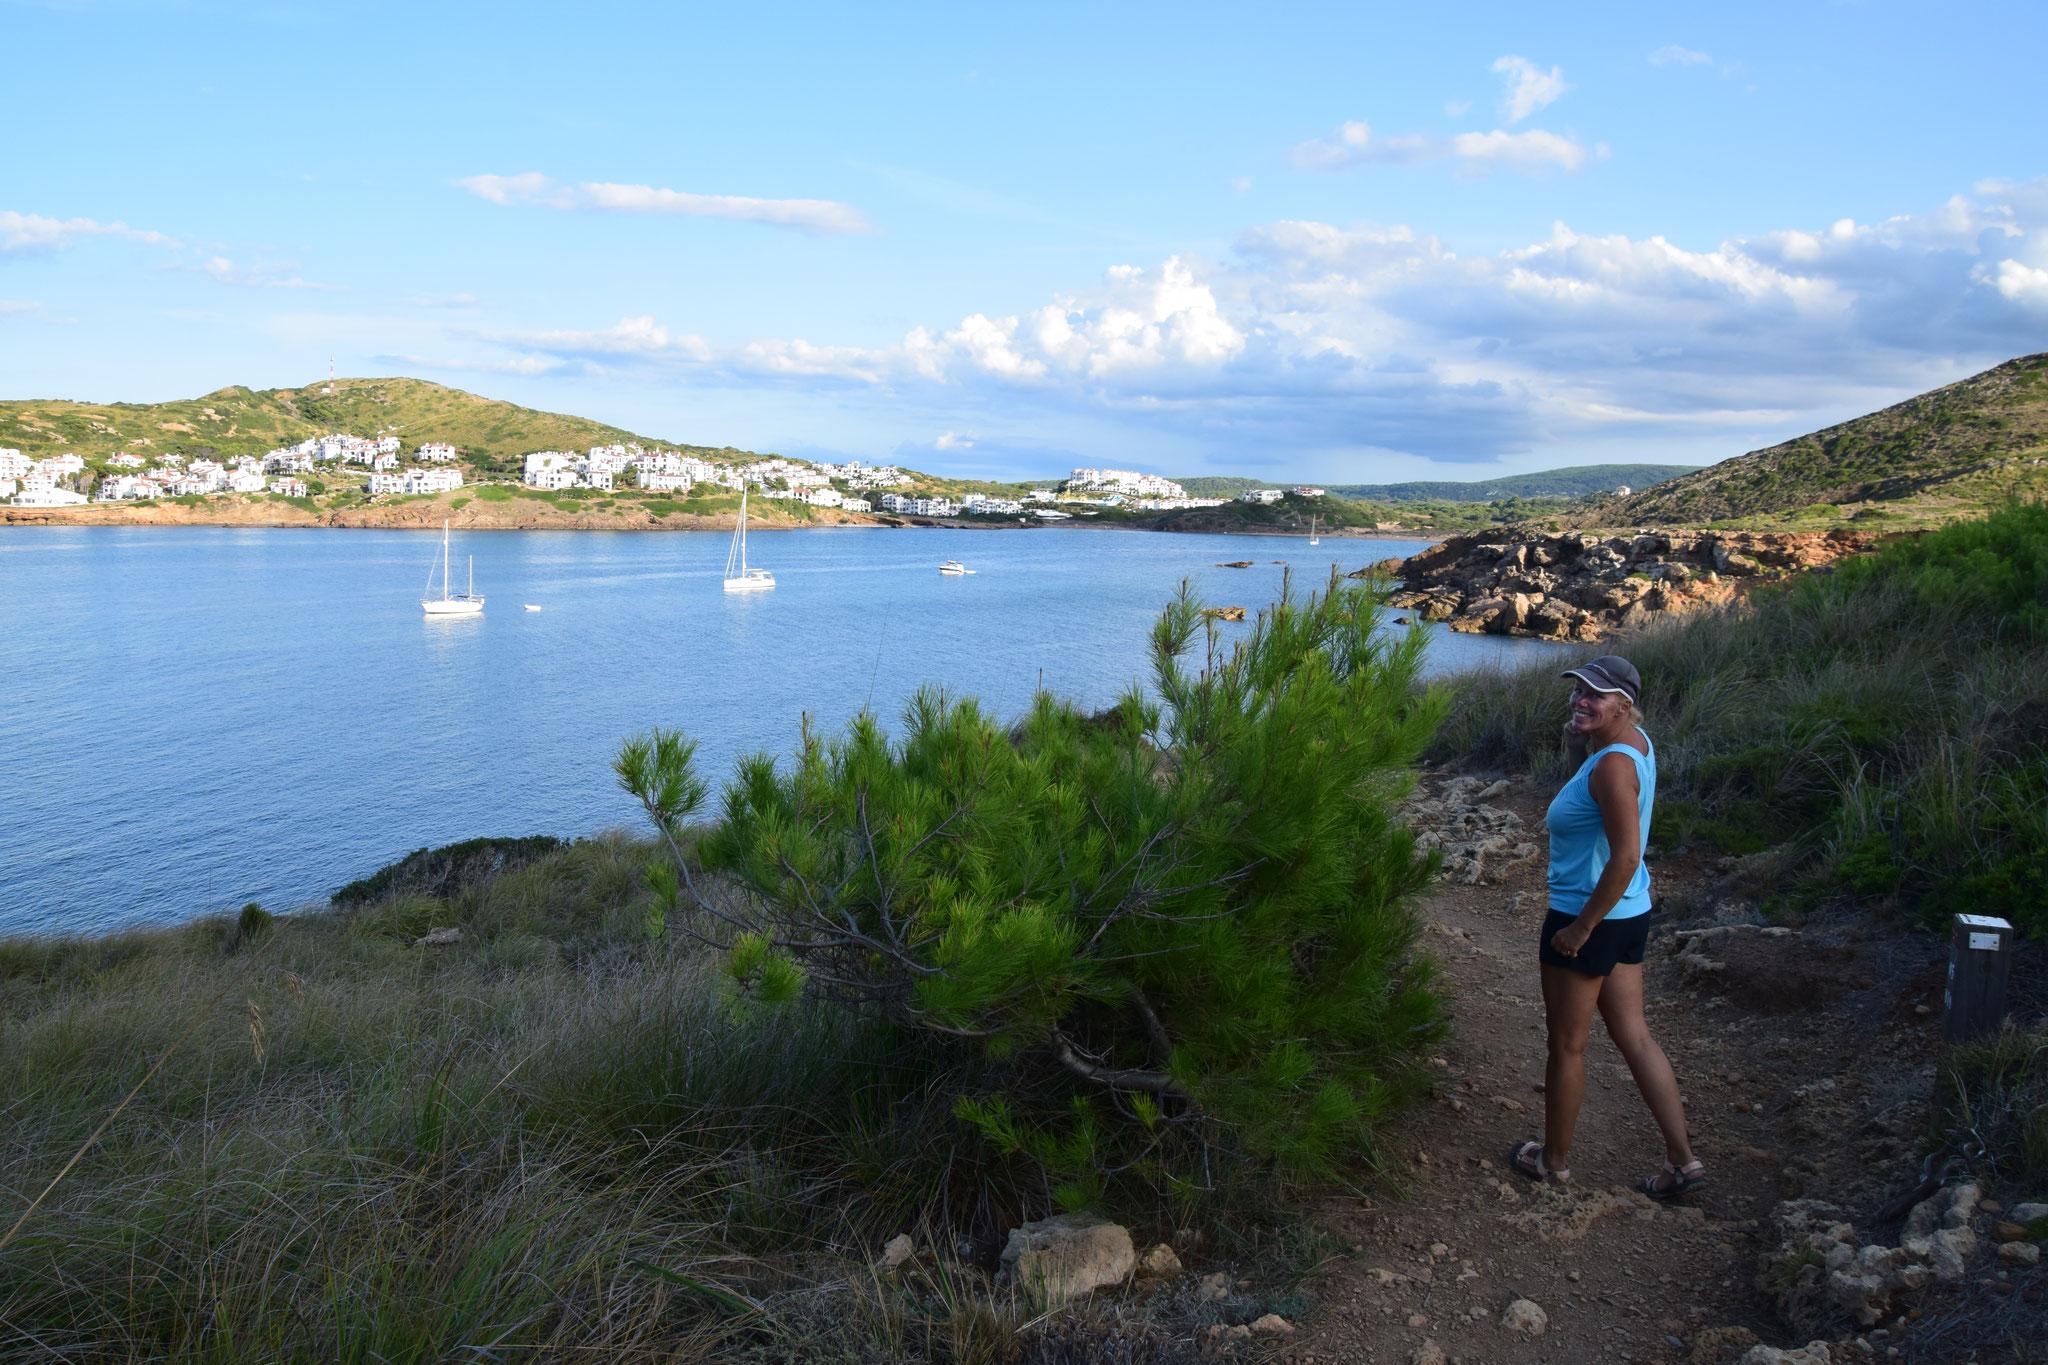 Blick auf die Bucht Cala Tirant